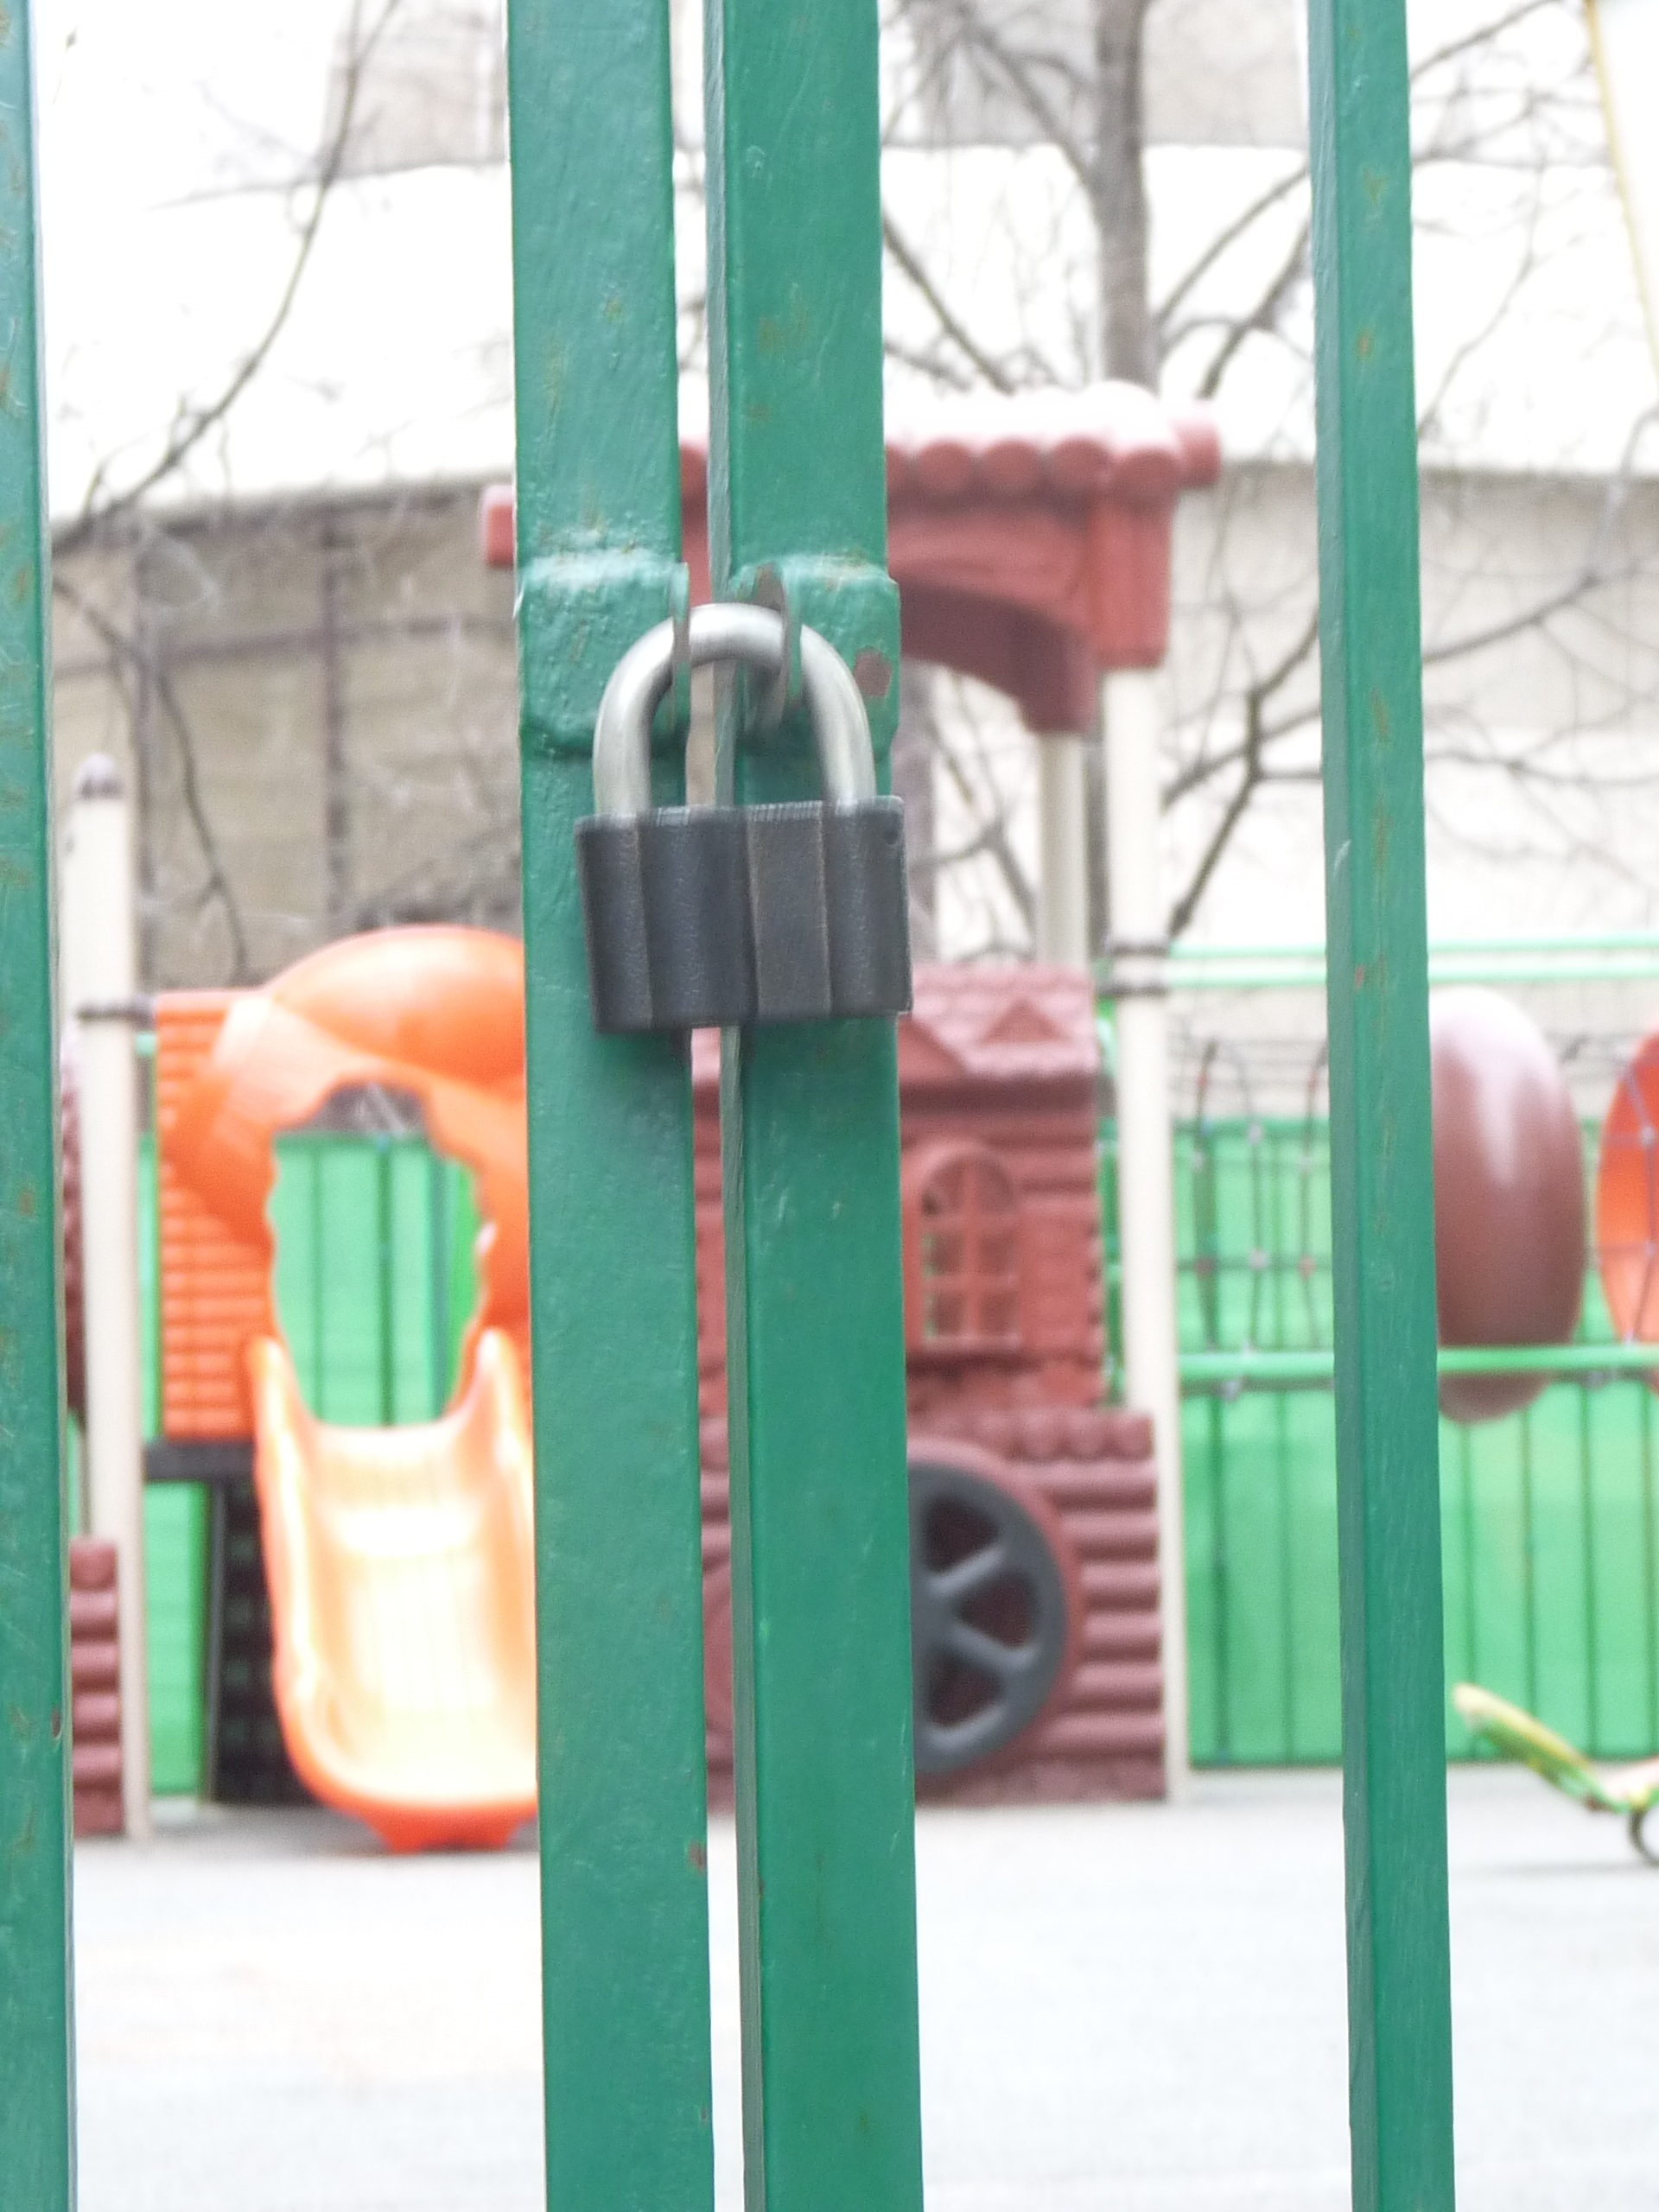 Фотография закрытого замка, далее на заднем фоне видна детская площадка